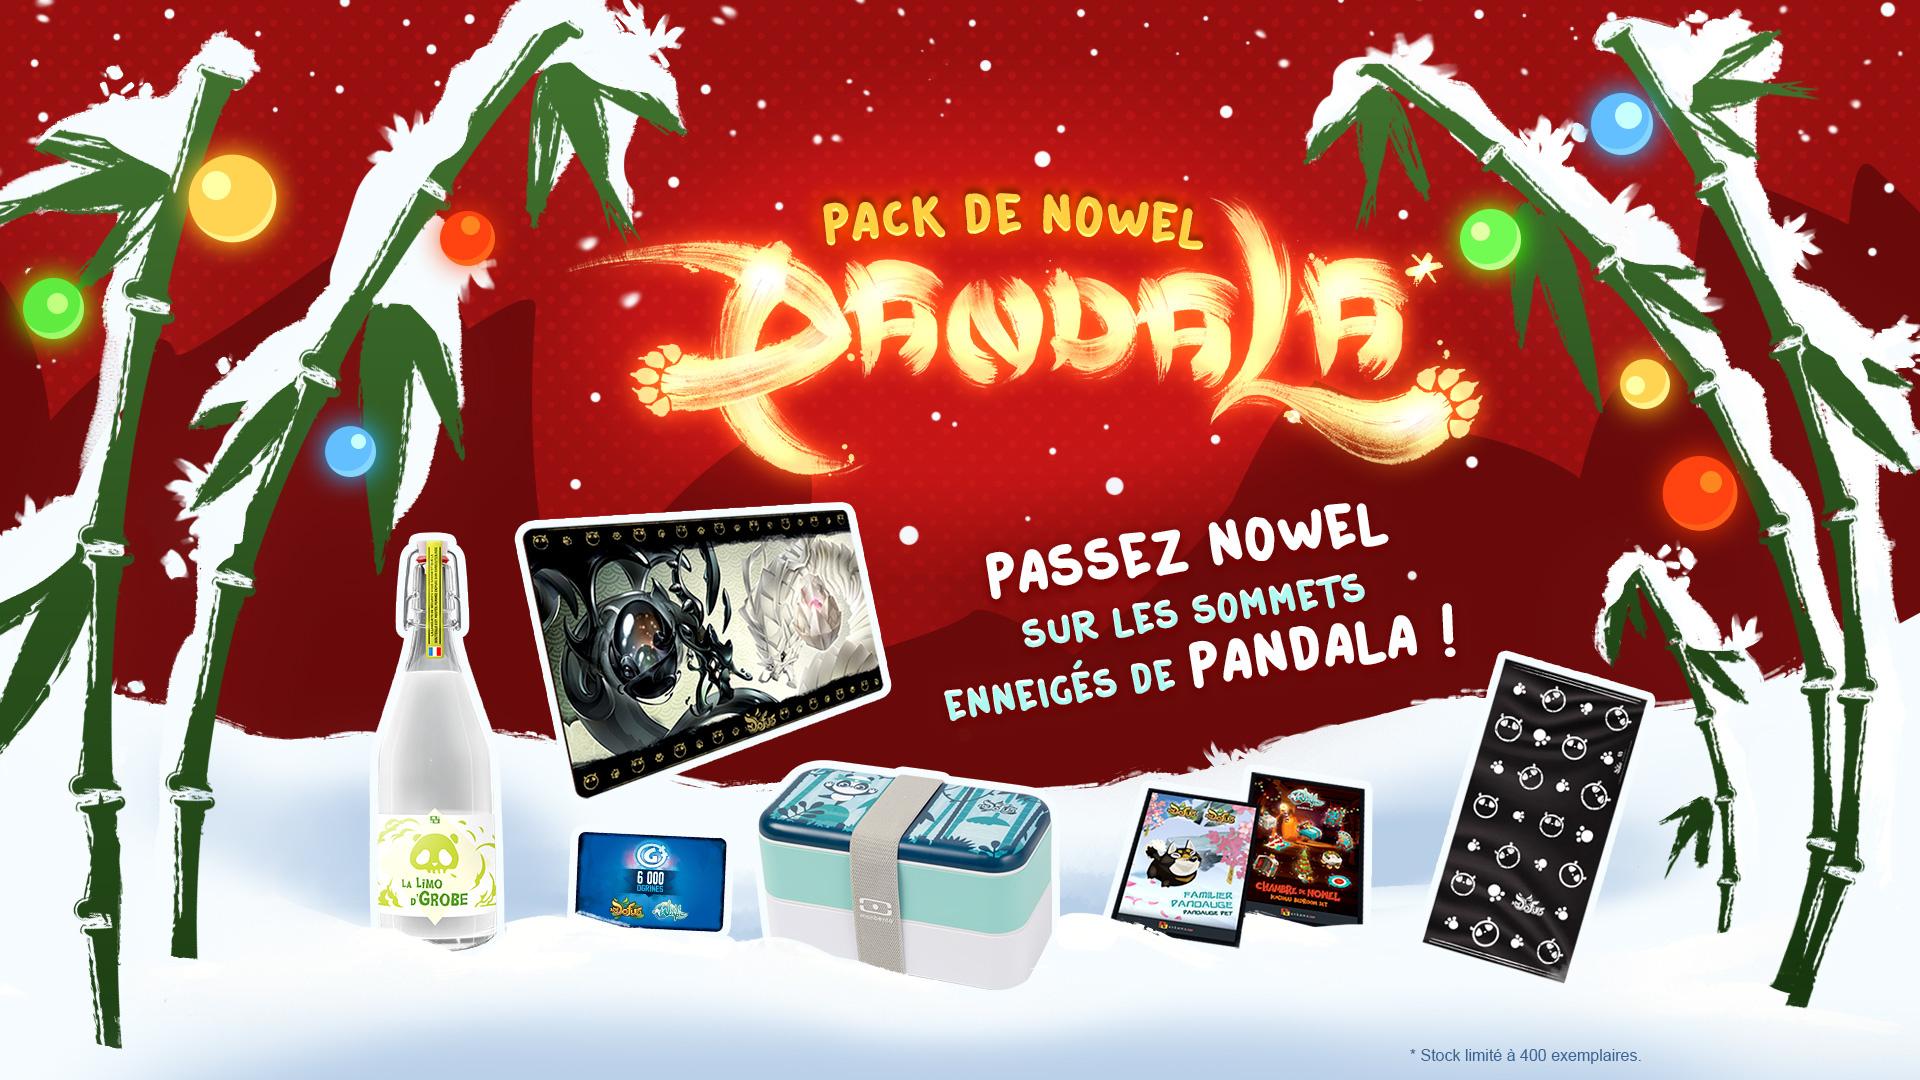 pack de nowel pandala shop